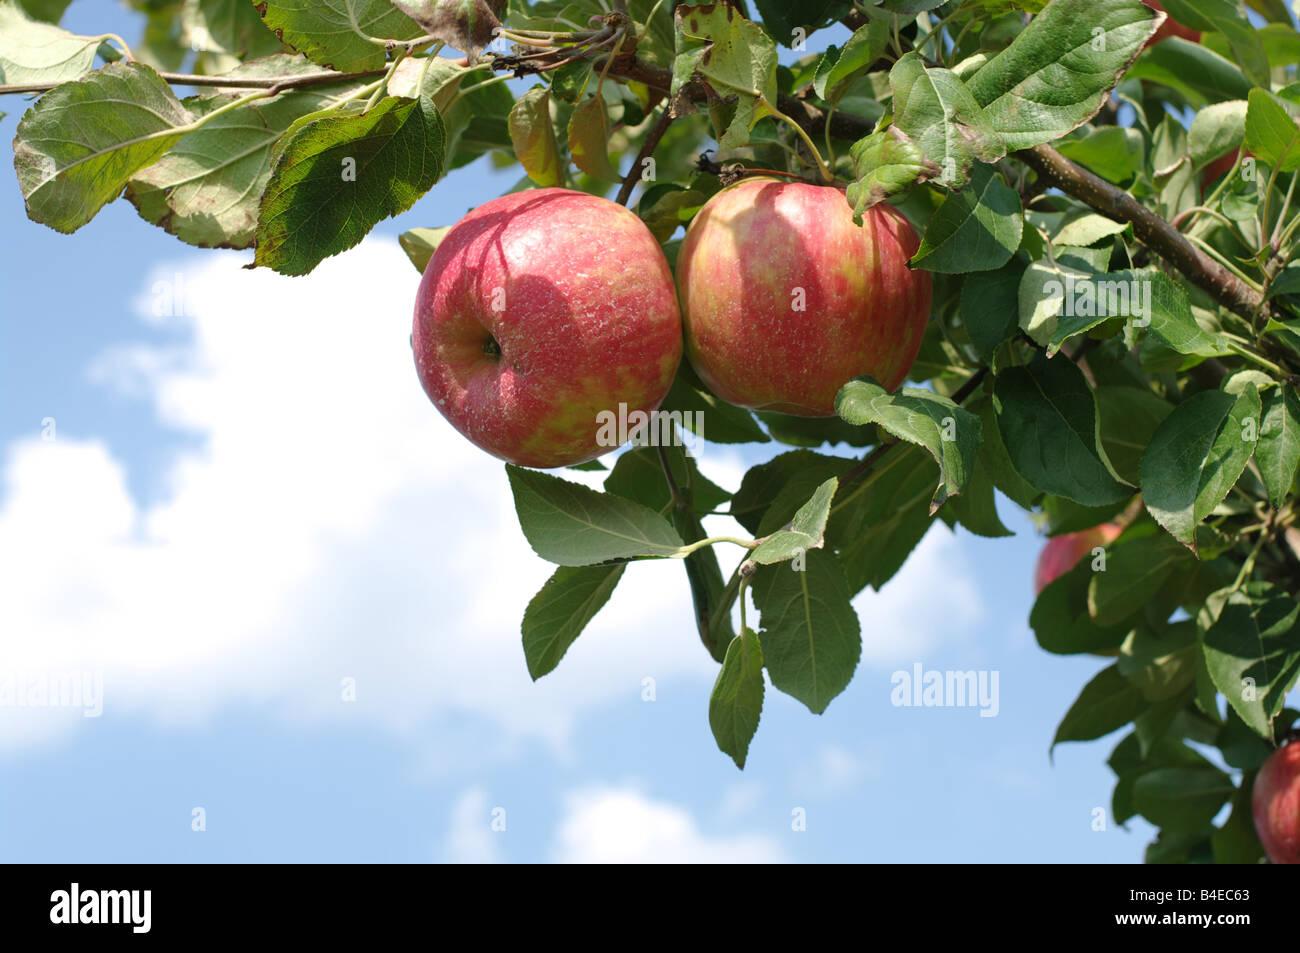 Le mele rosse appeso al ramo di albero contro il cielo blu Immagini Stock